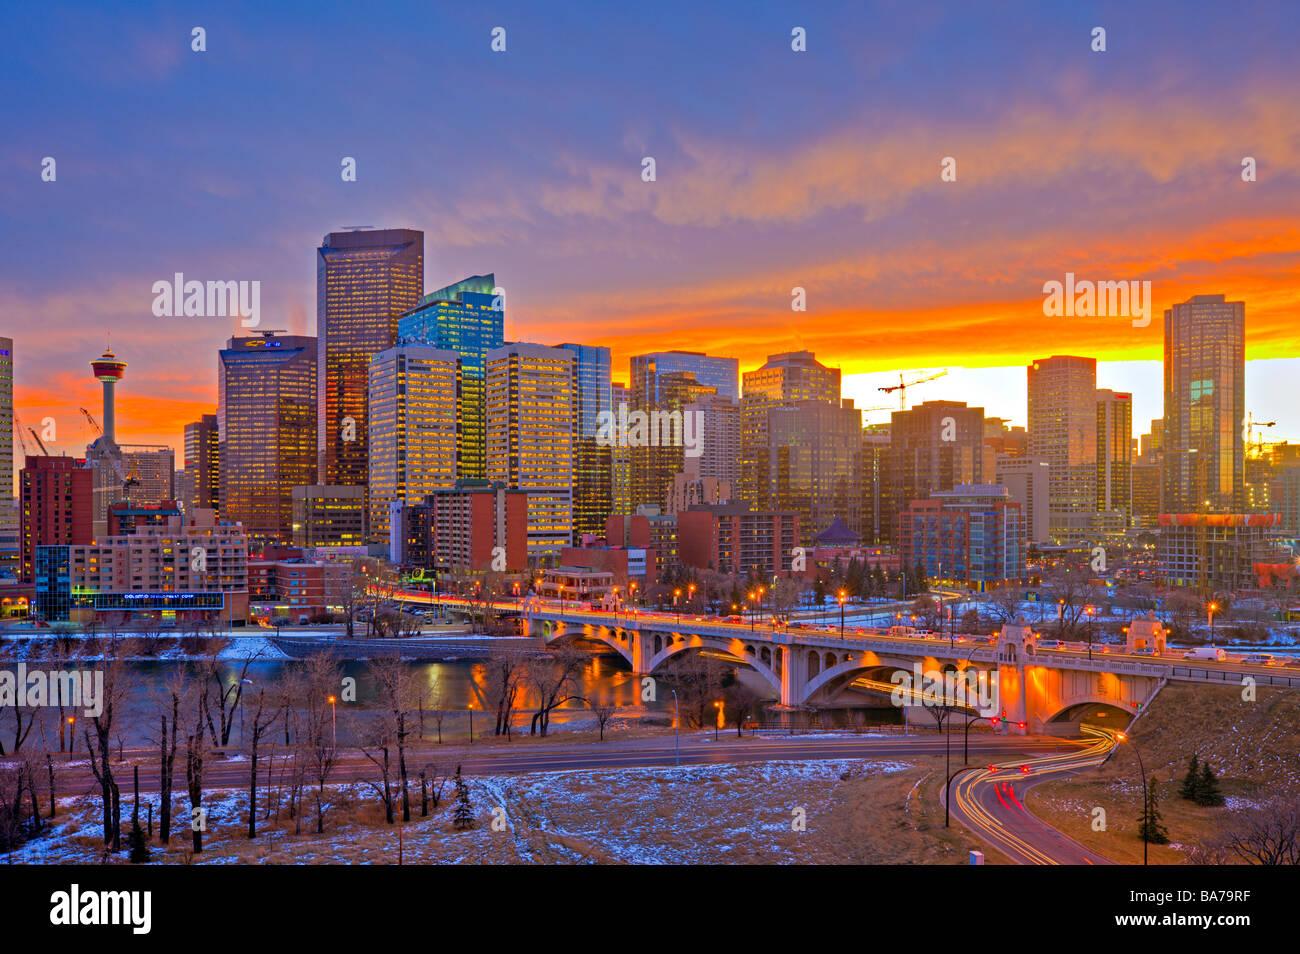 Skyline von Calgary hohen Hochhäusern, dem Calgary Tower und der Centre Street Bridge über den Bow River Stockbild